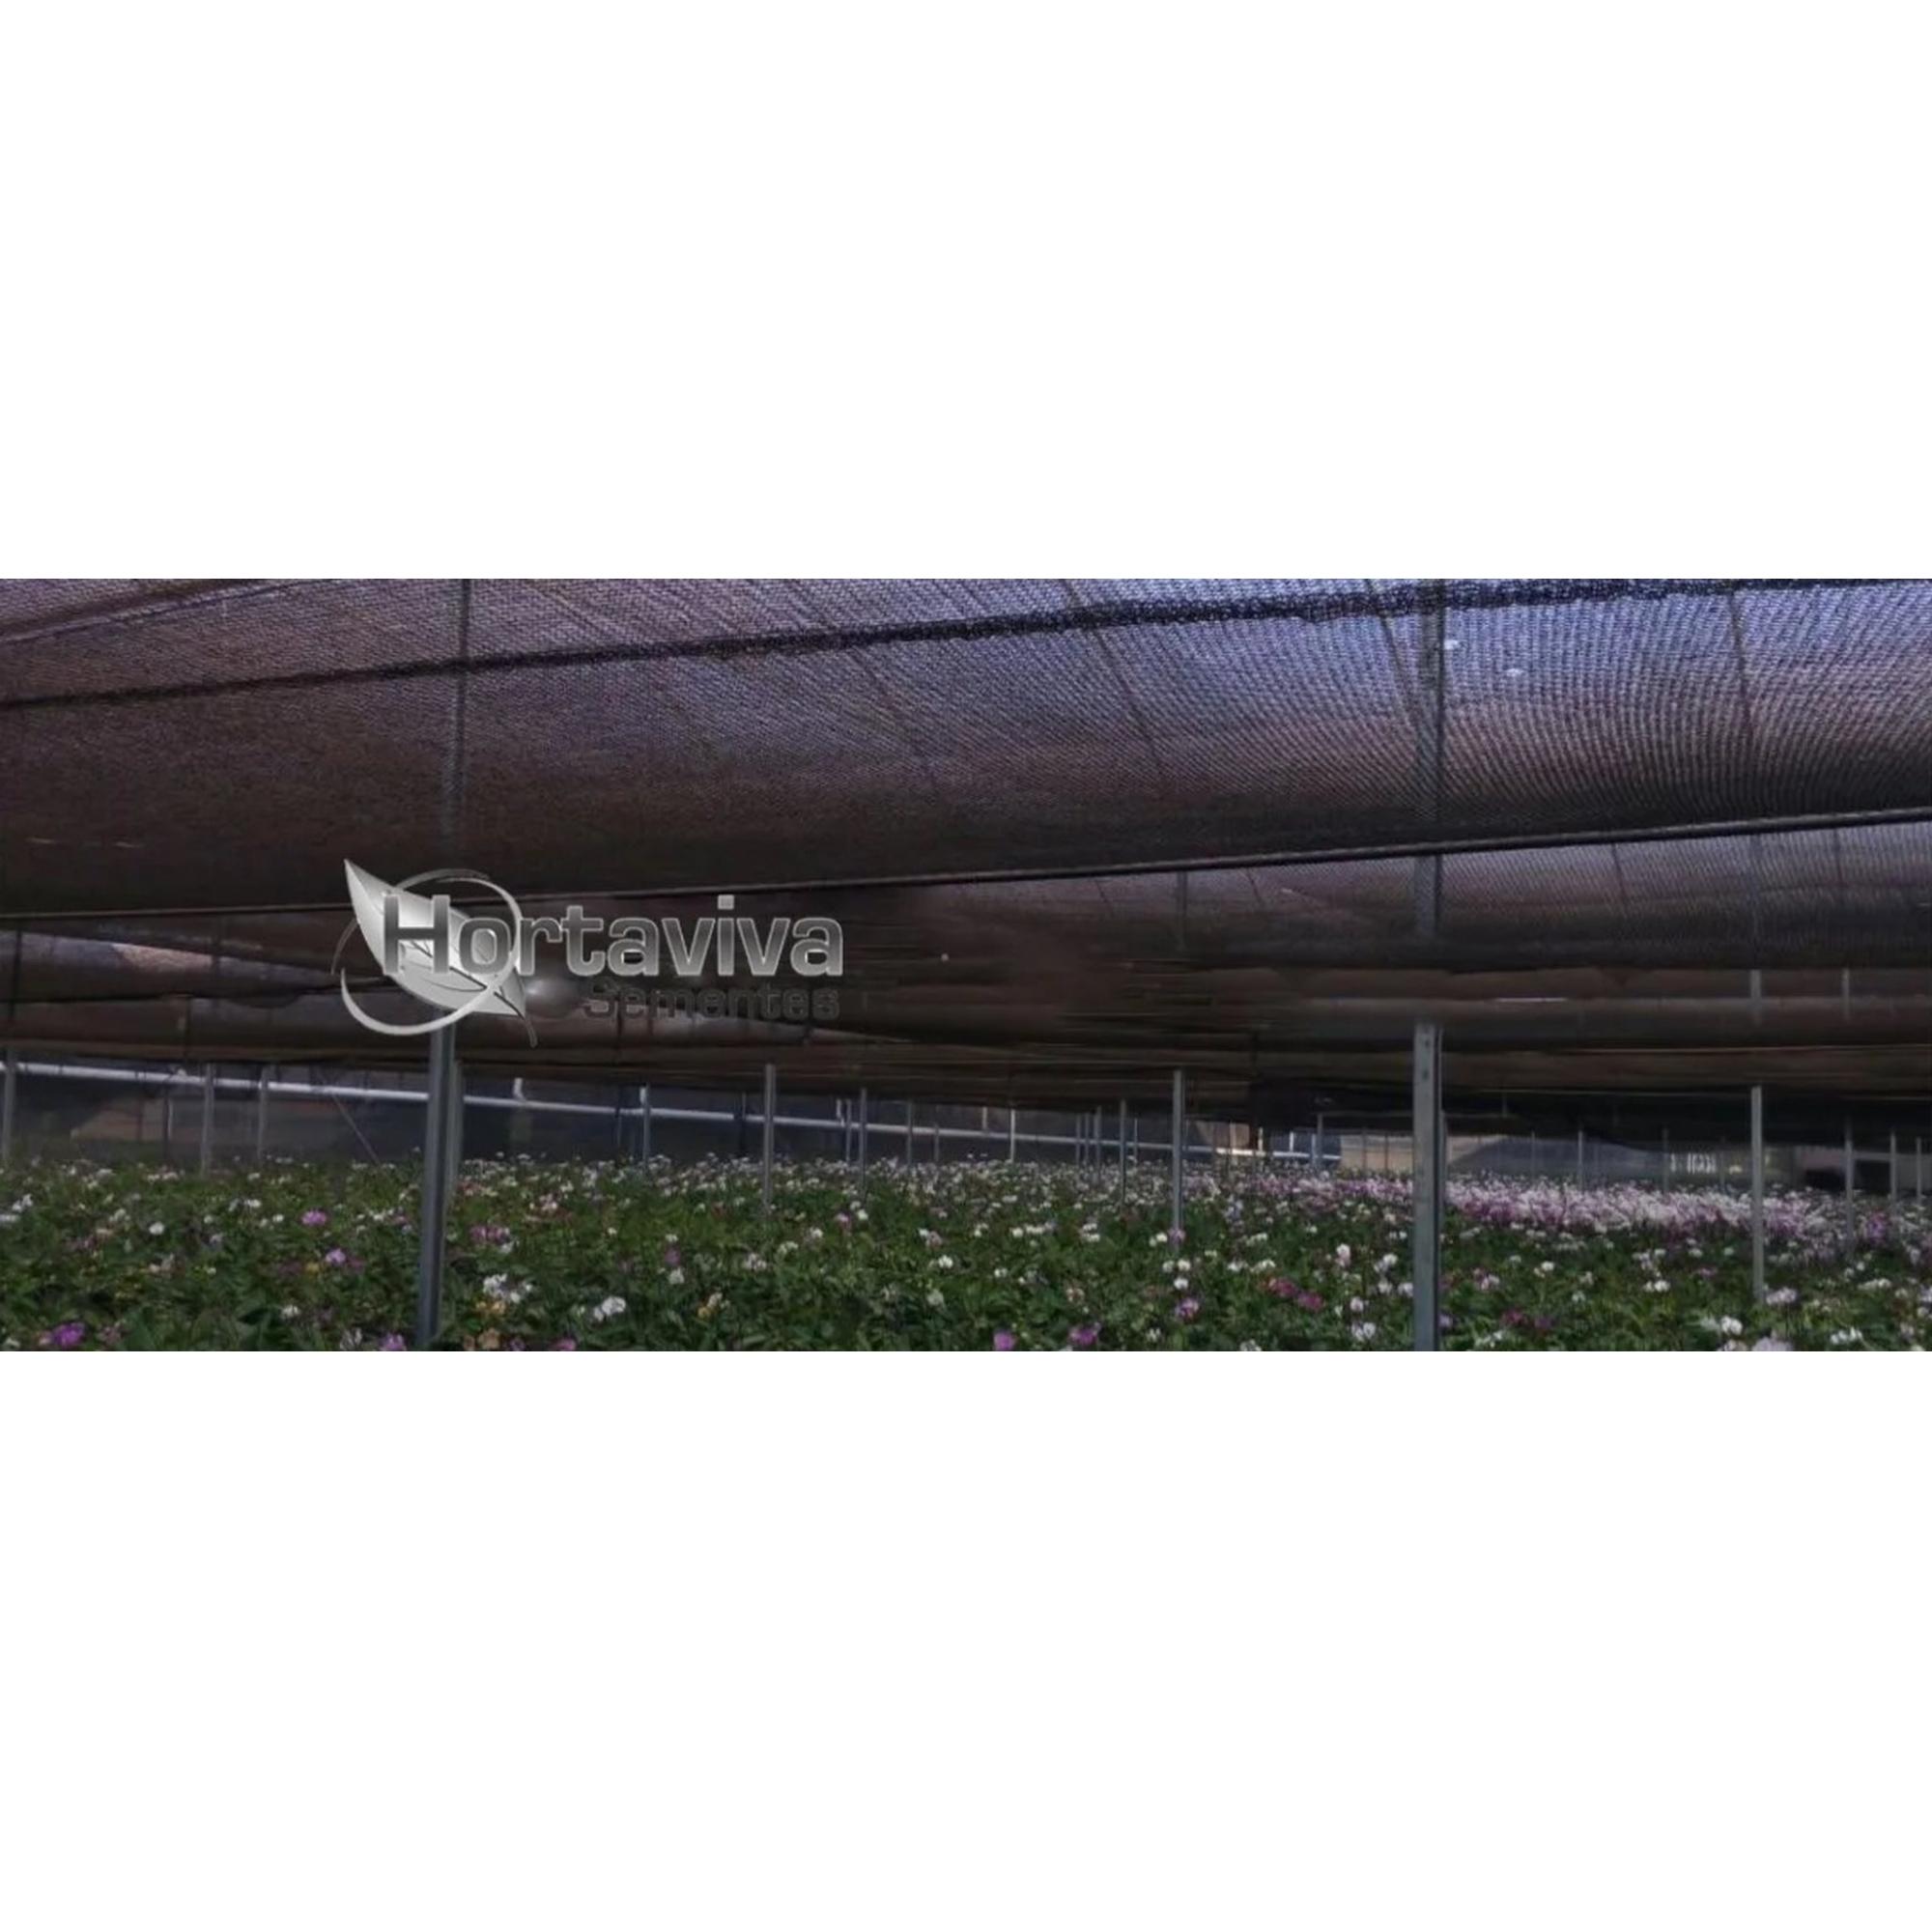 Tela de Sombreamento Preta 50% - 5 Metros x 200 Metros